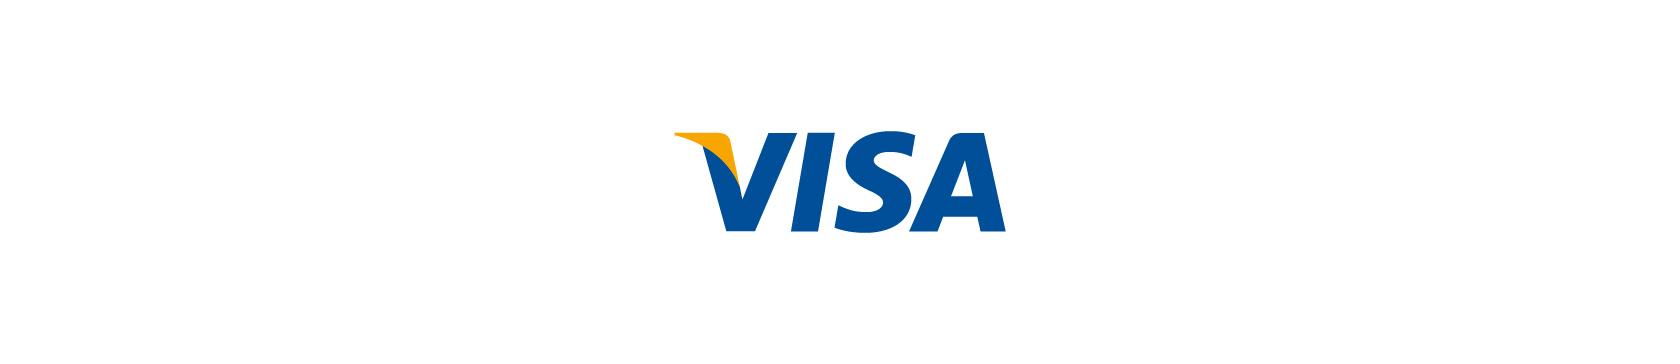 visa-logo-v2